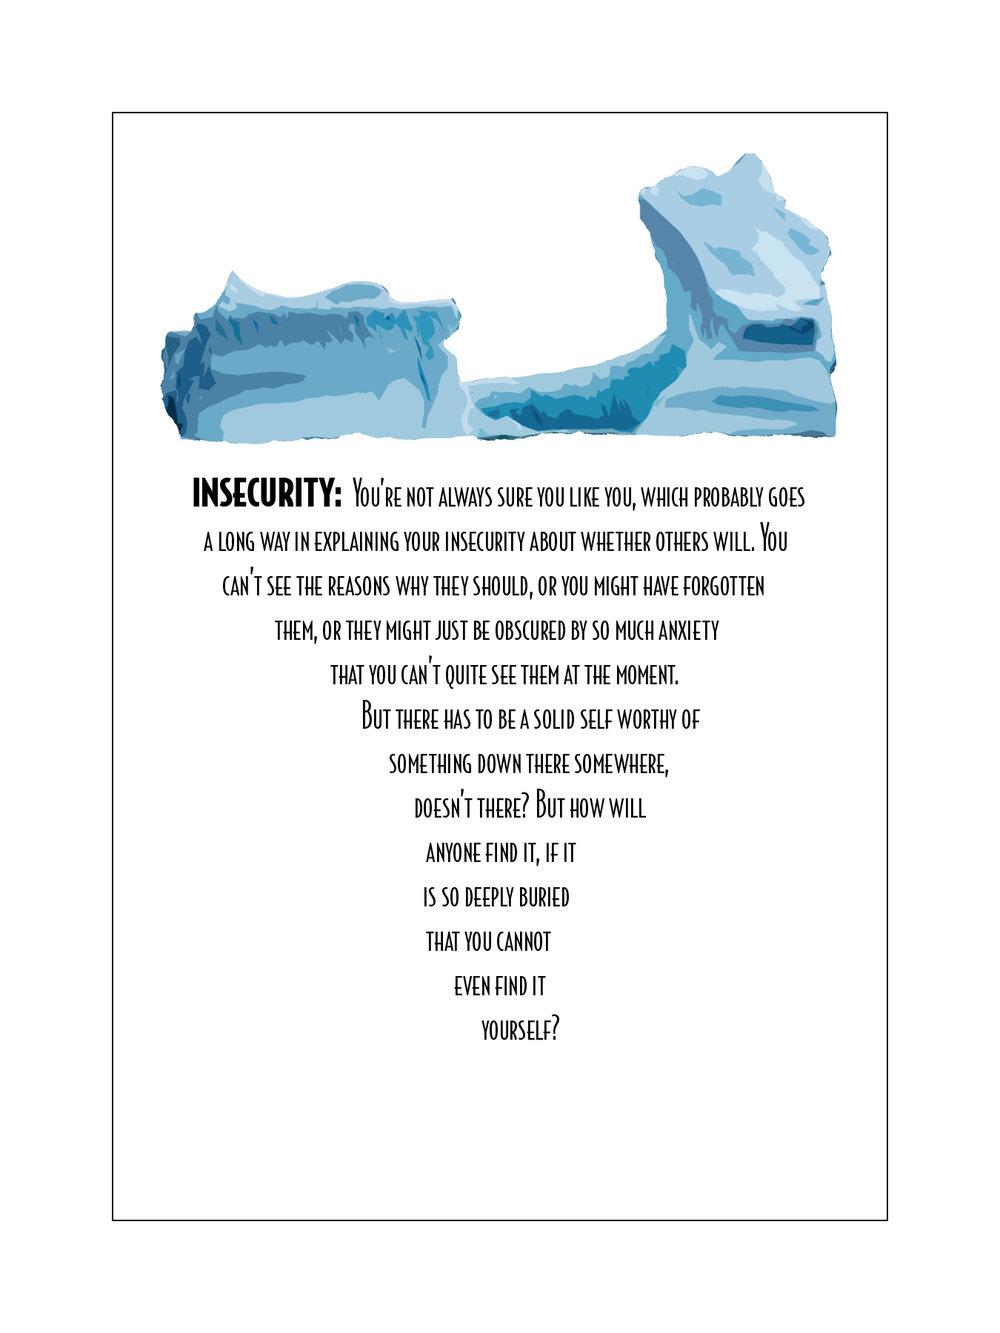 Mansolino_IcebergFieldGuide6.jpg